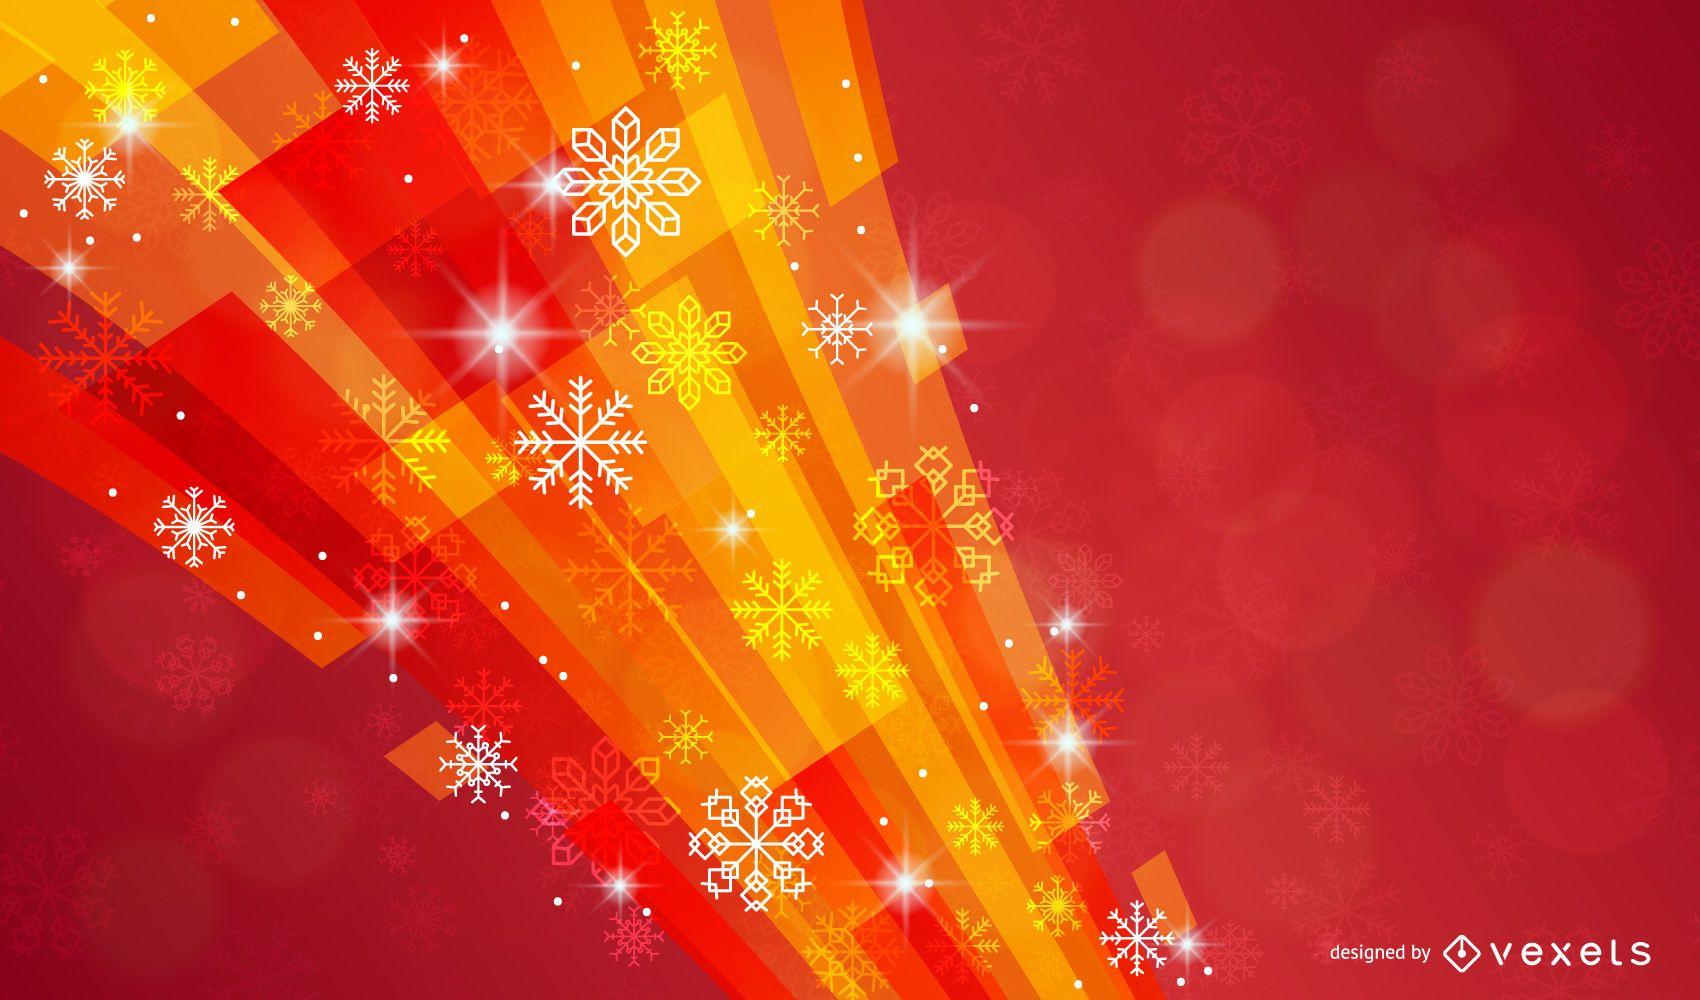 Fondo de Navidad con copos de nieve y formas de colores - Descargar ...